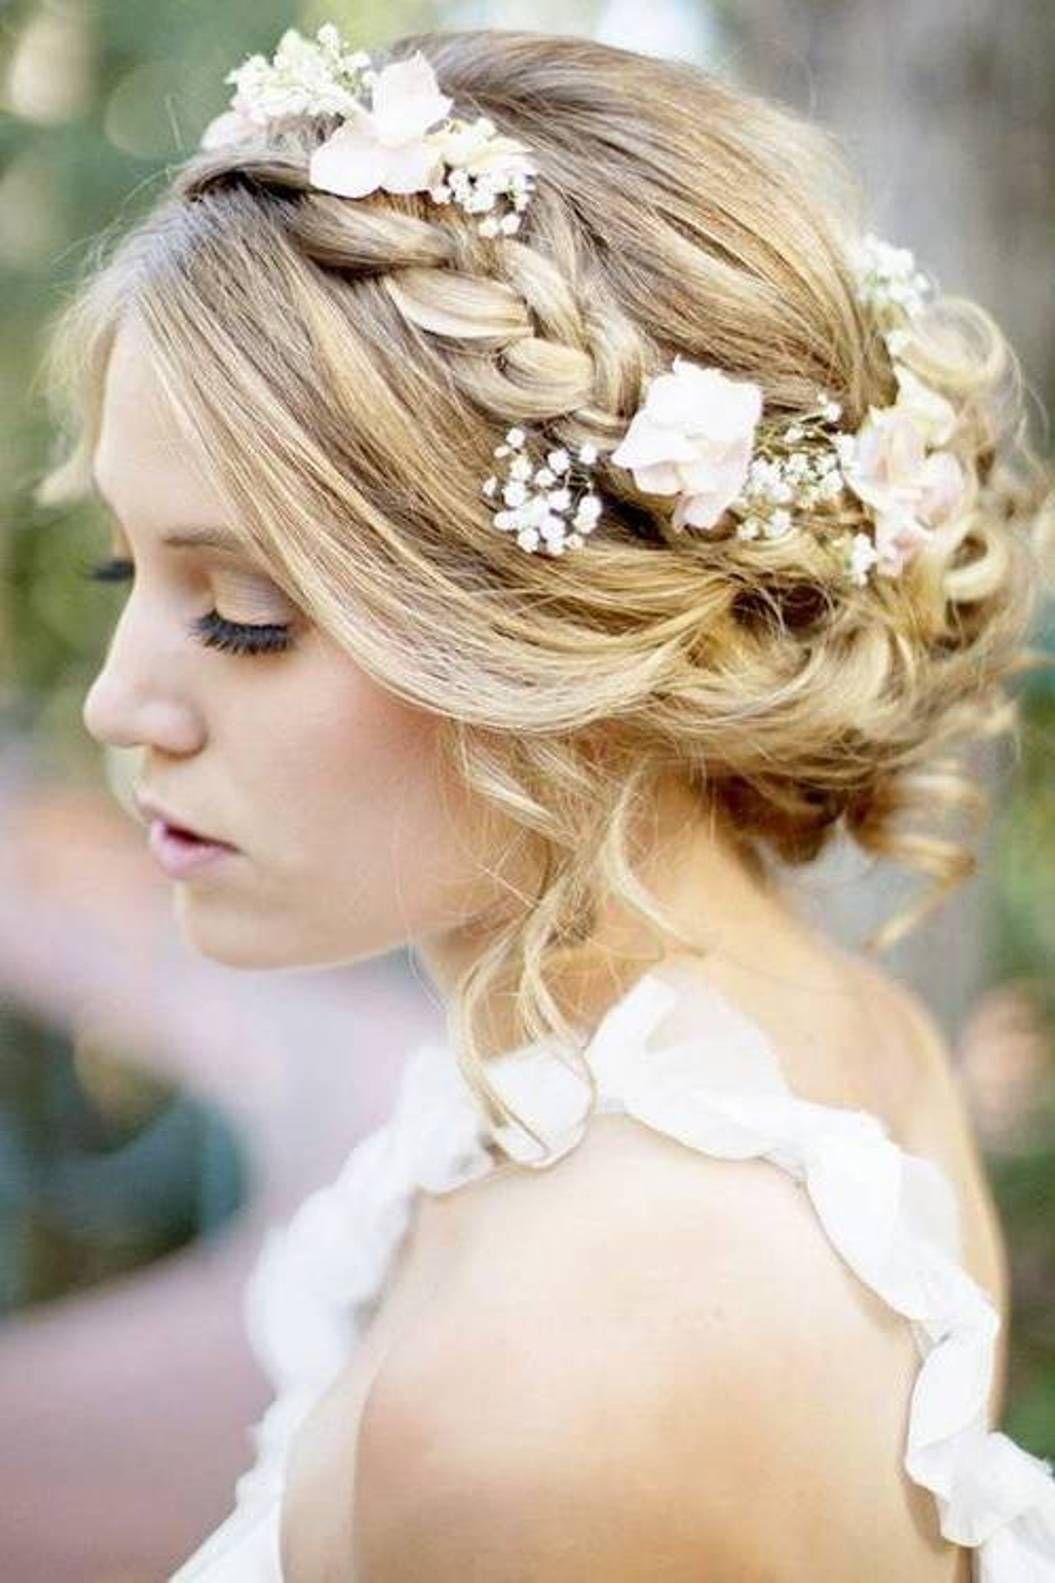 Dramatic updo summer hair styles for wedding hår pinterest